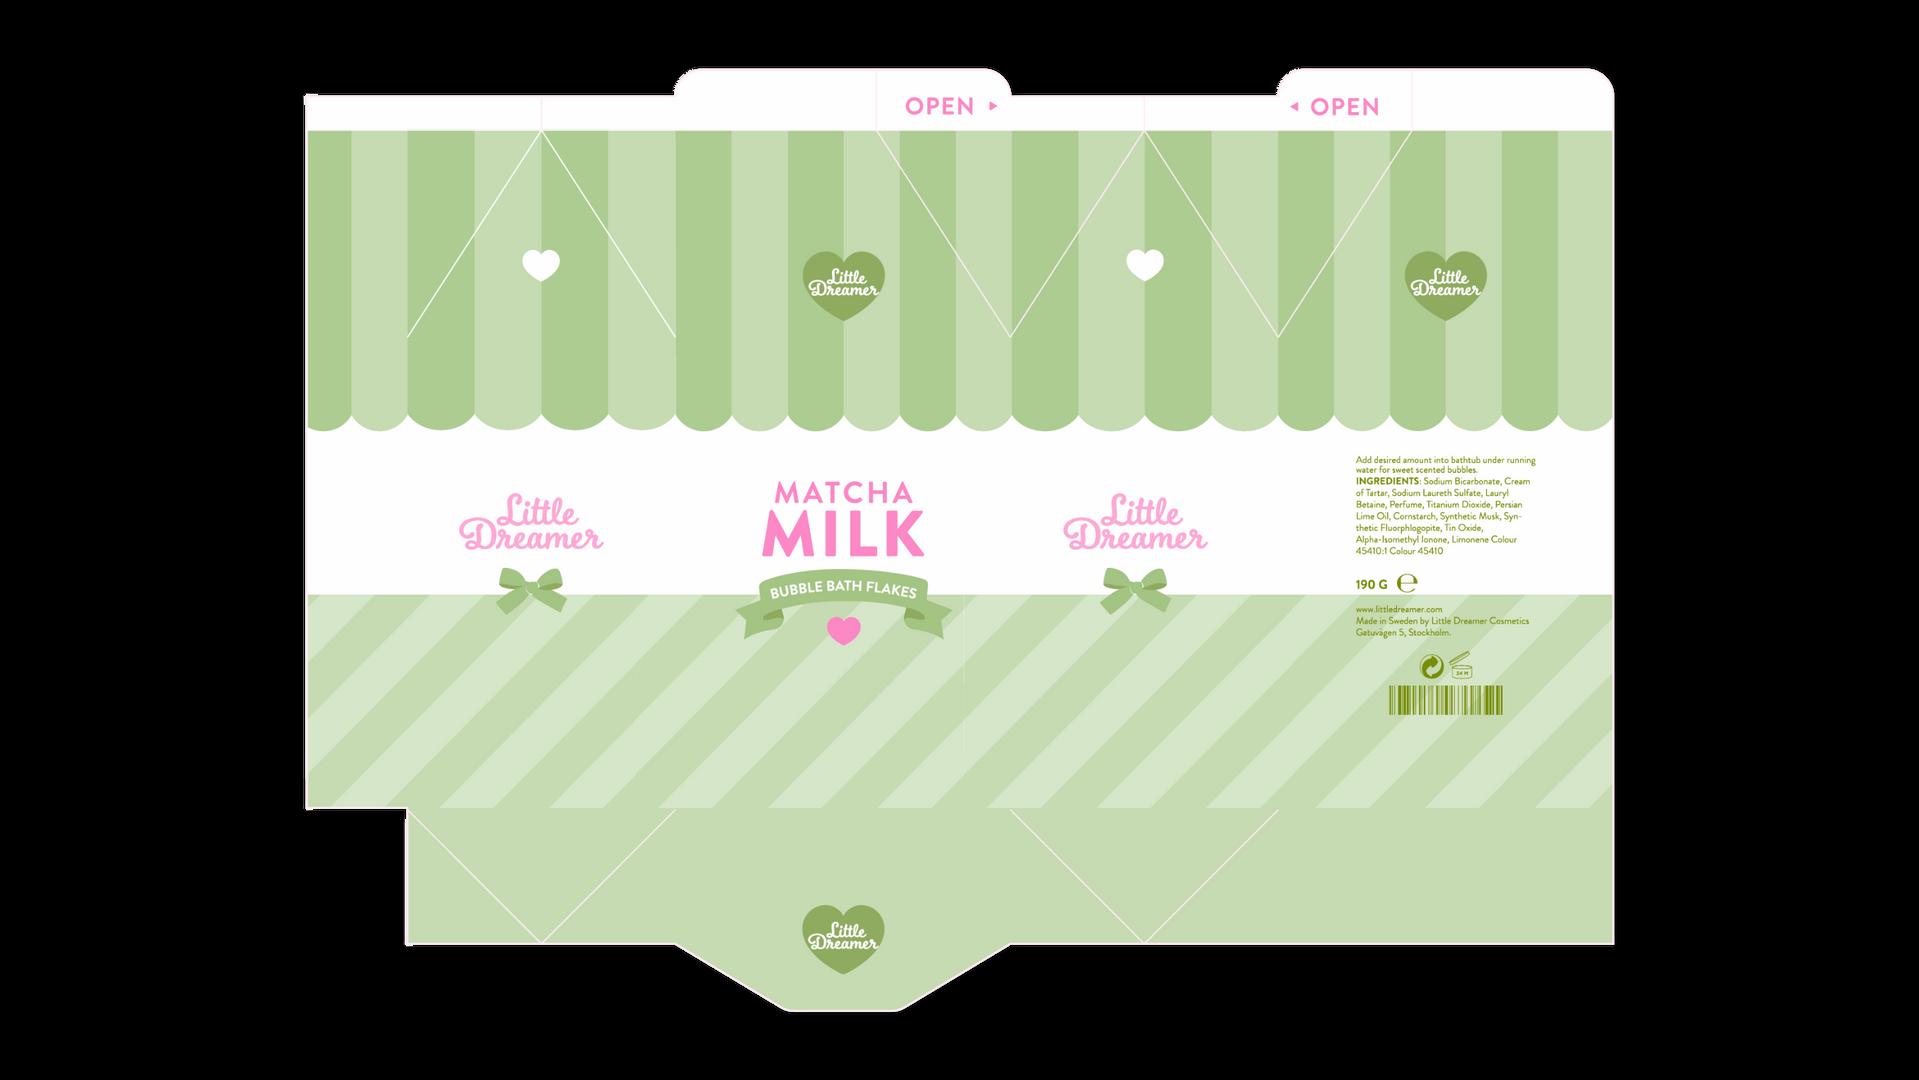 Matcha Milk Dieline